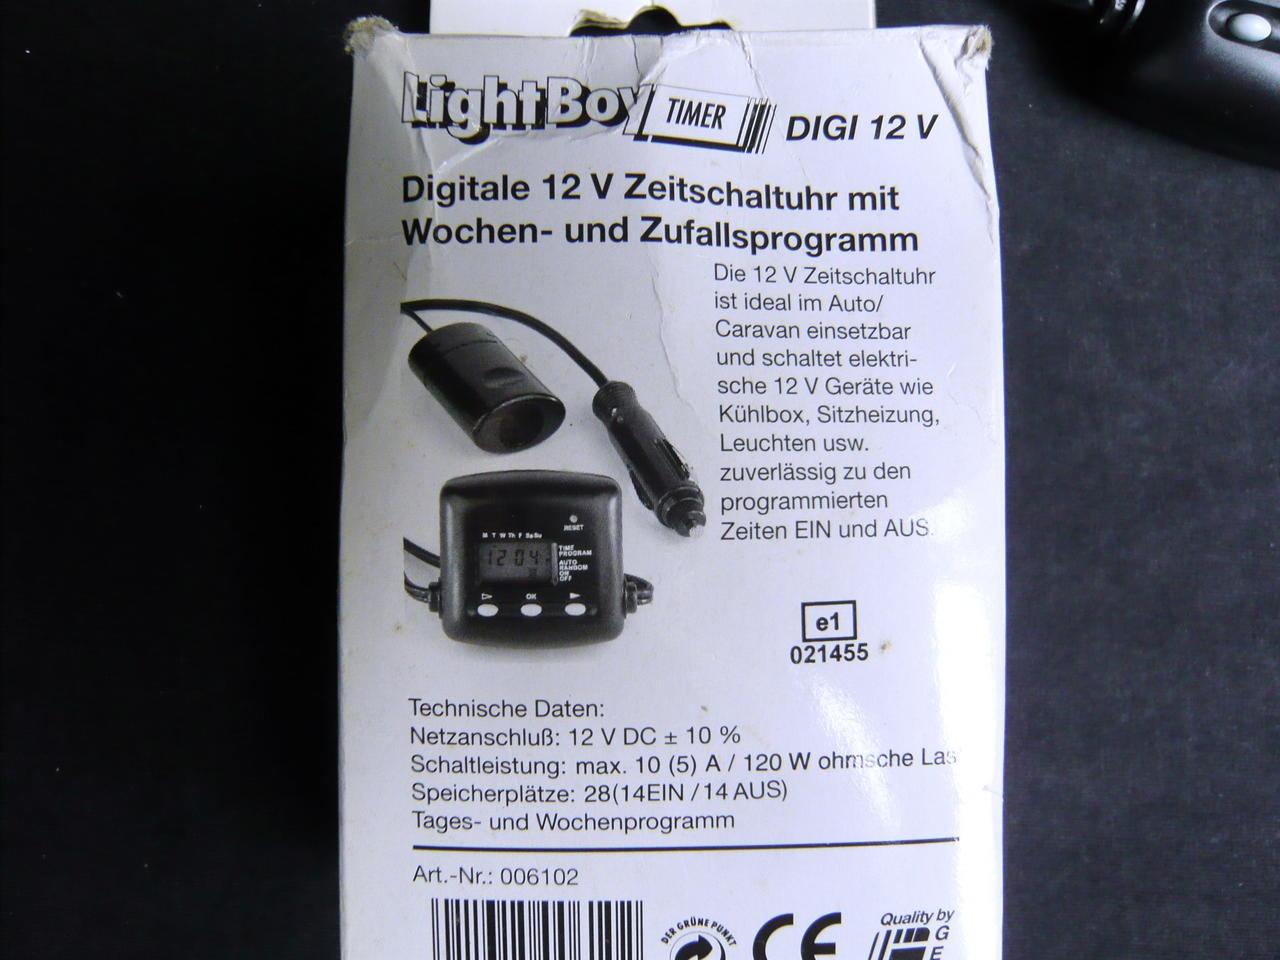 digitale 12 volt zeitschaltuhr mit wochen zufallsprogramm ab 1 euro ebay. Black Bedroom Furniture Sets. Home Design Ideas